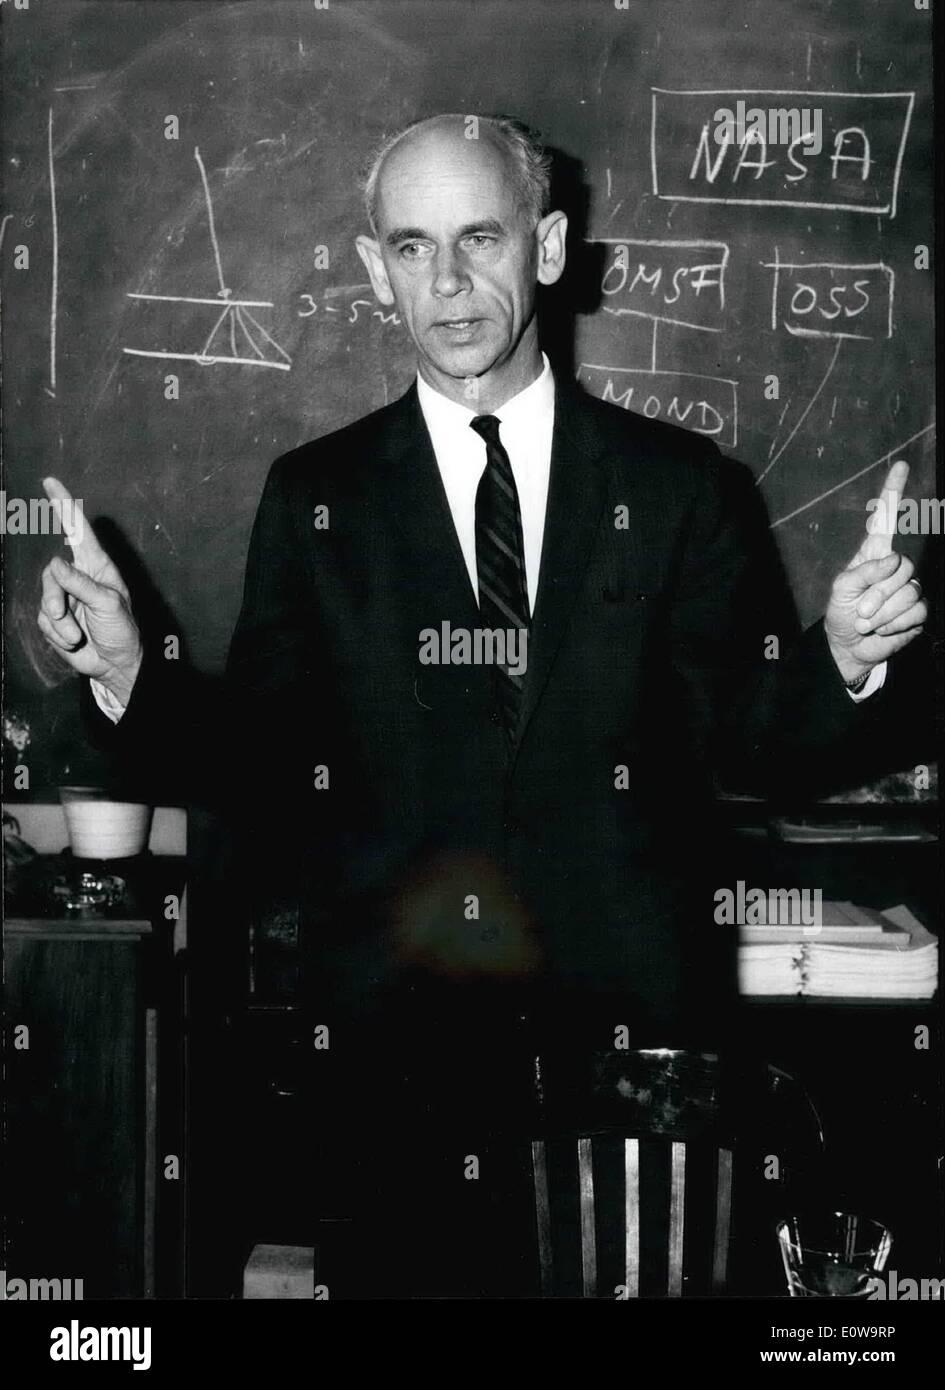 4. April 1962 - Rakete Wissenschaftler Dr. Ernsht Stuhlinger in München: der deutsche amerikanische Raketenwissenschaftler und Physiker Dr. Ernst Stuhlinger (Stuhlinger) kam am 3. April in München, wo er ist, nehmen Teil am 4. April und 5. auf Einladung der Heinkel Flugzeug an einem Symposium über Fragen der elektrischen Aggregate für Raumfahrzeuge arbeitet. Wie Wernher von Braun, Dr. Stuhlinger der ehemaligen Peenemunder-Gruppe dessen technische Werke eine wichtige Grundlage für die moderne Wissenschaft Raum im Jahr 1946 gehörte waren, kam Dr. Stuhlinger in die USA zusammen mit einer Gruppe deutscher Wissenschaftler Stockfoto